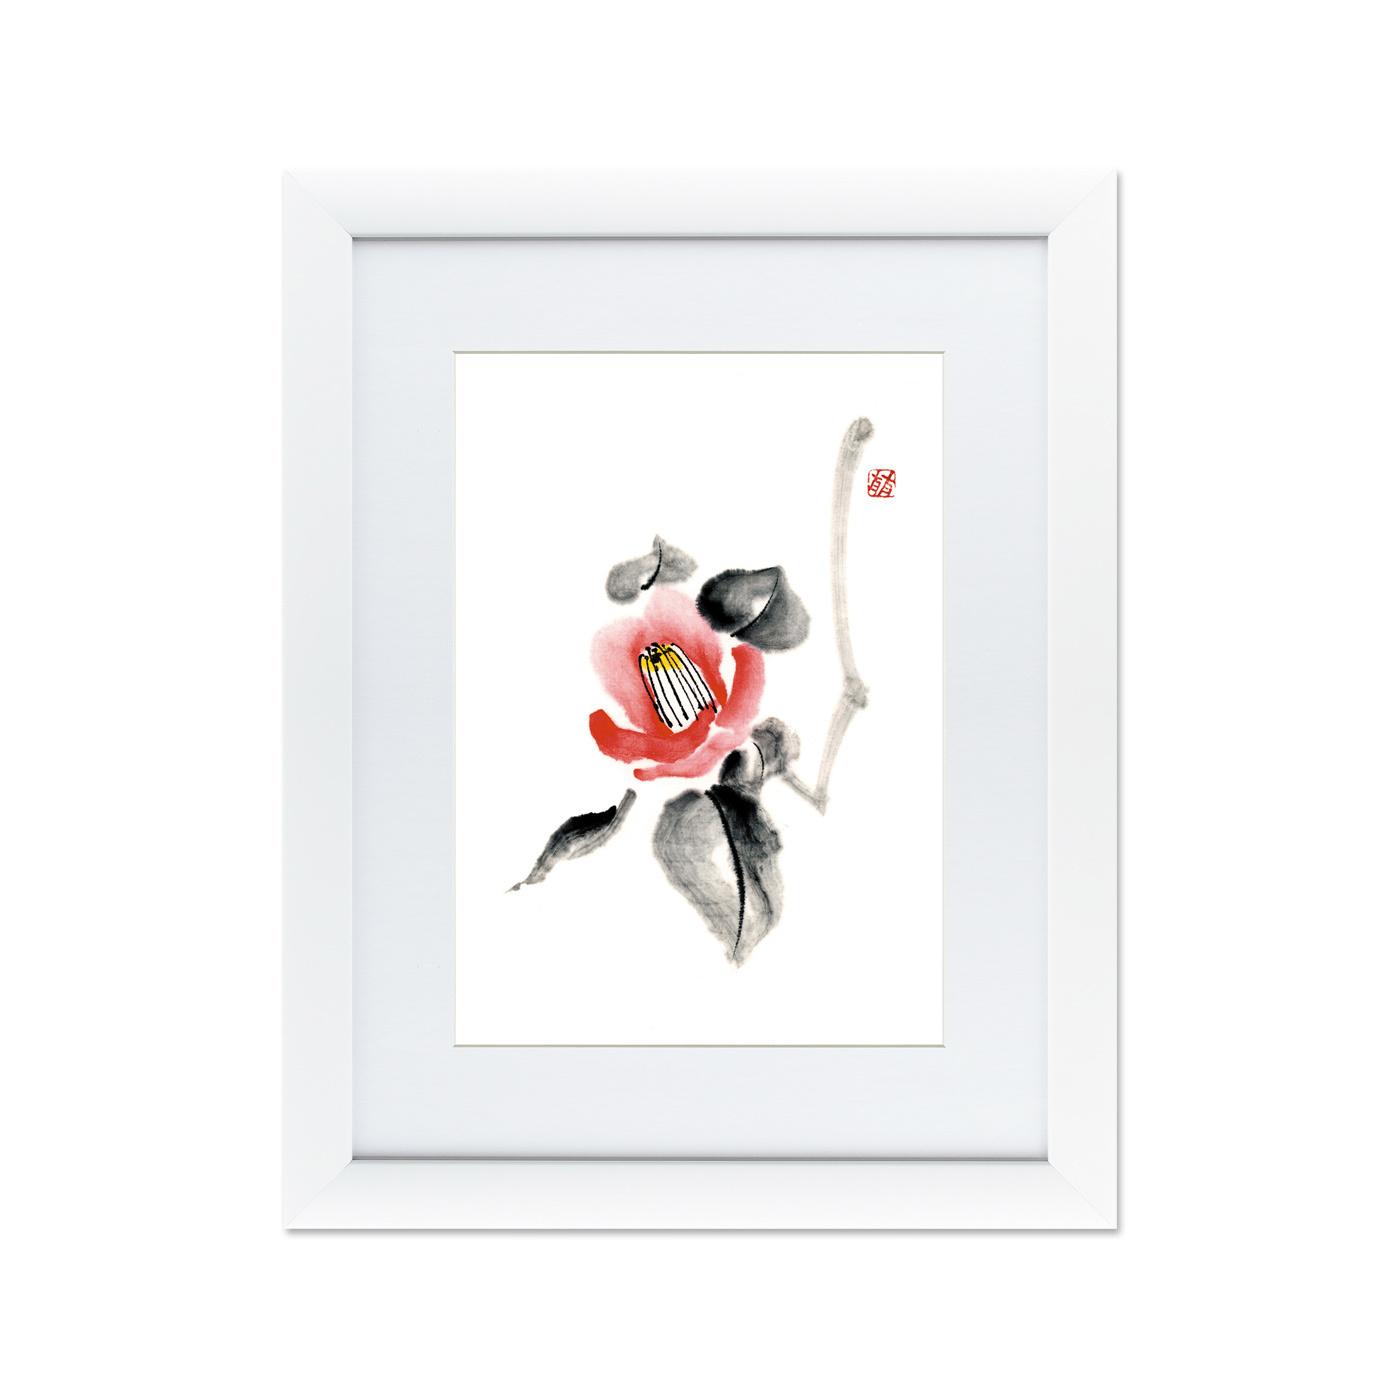 {} Картины в Квартиру Картина Японская Акварель Суми-э, №2 (47х60 см) картины в квартиру картина спил 2 47х60 см